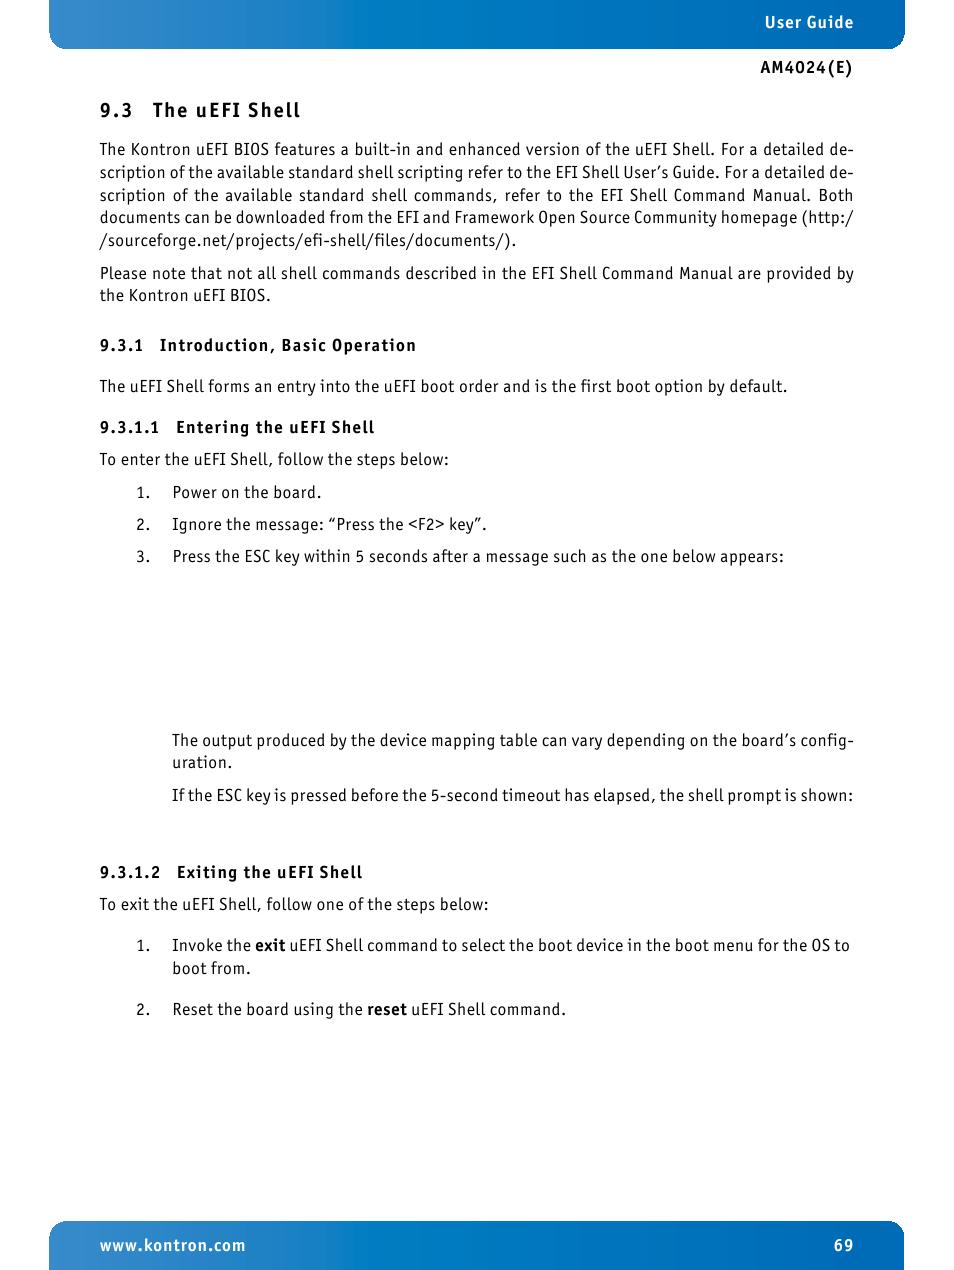 3 the uefi shell, 1 introduction, basic operation, 1